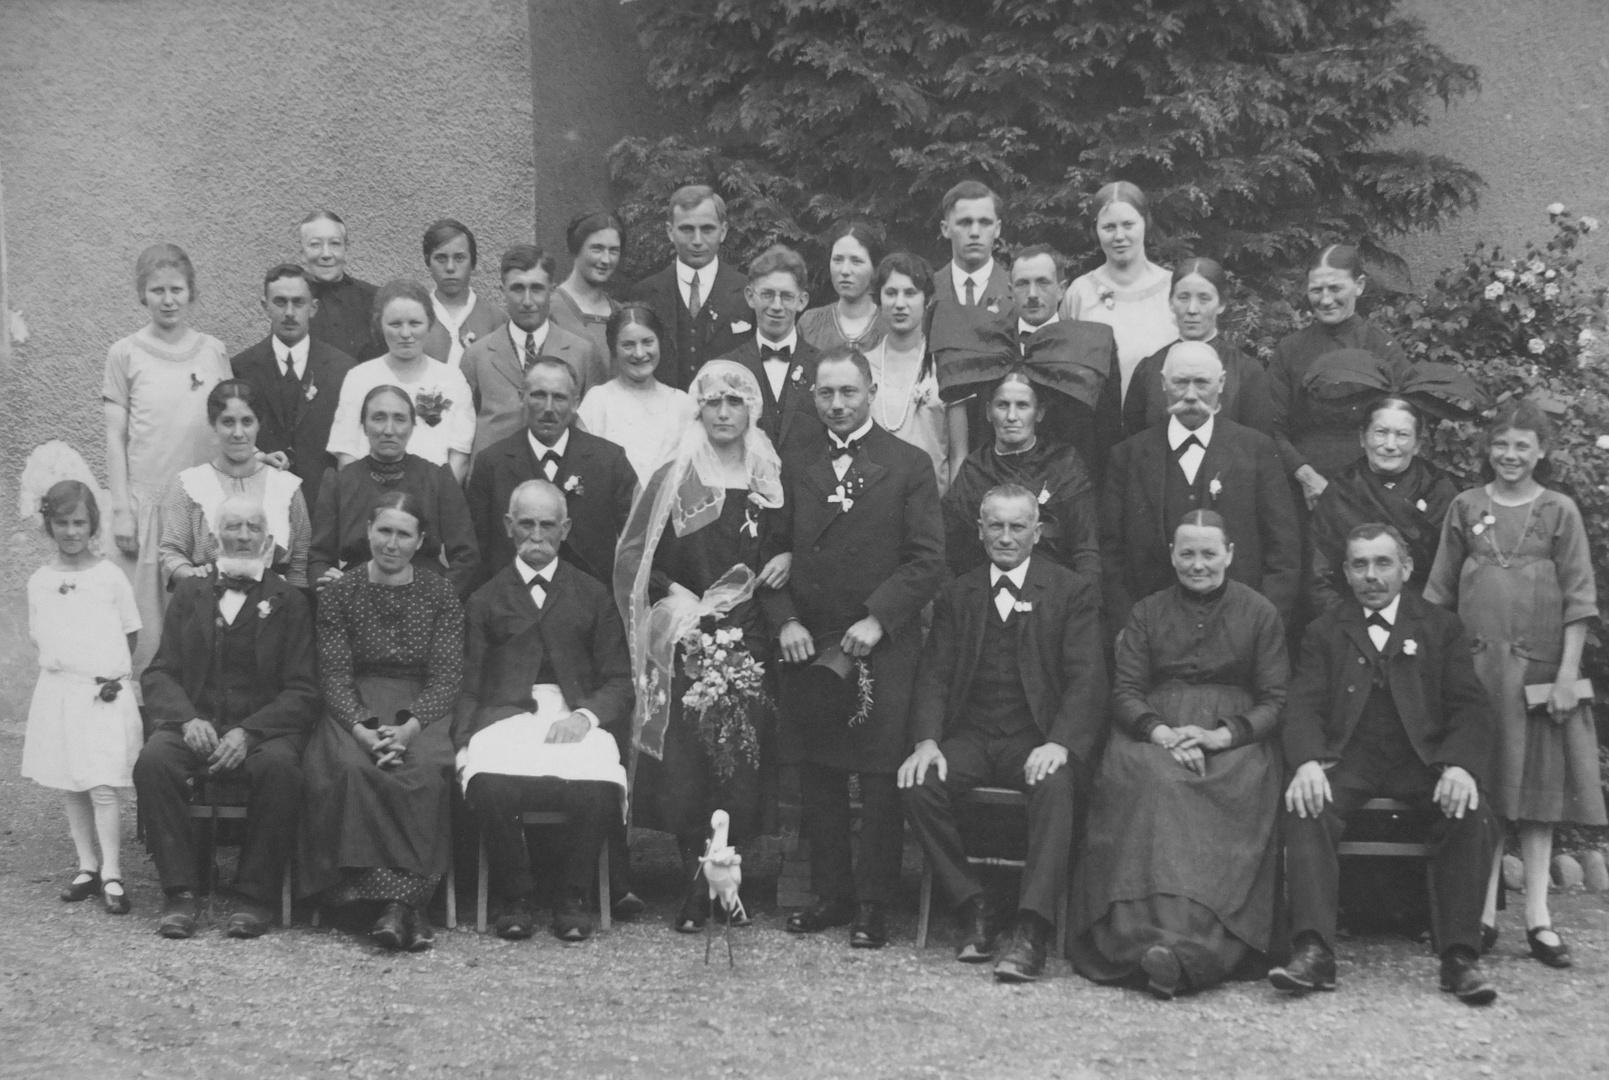 dörfliche Hochzeitsgesellschaft Ende der 20er Jahre